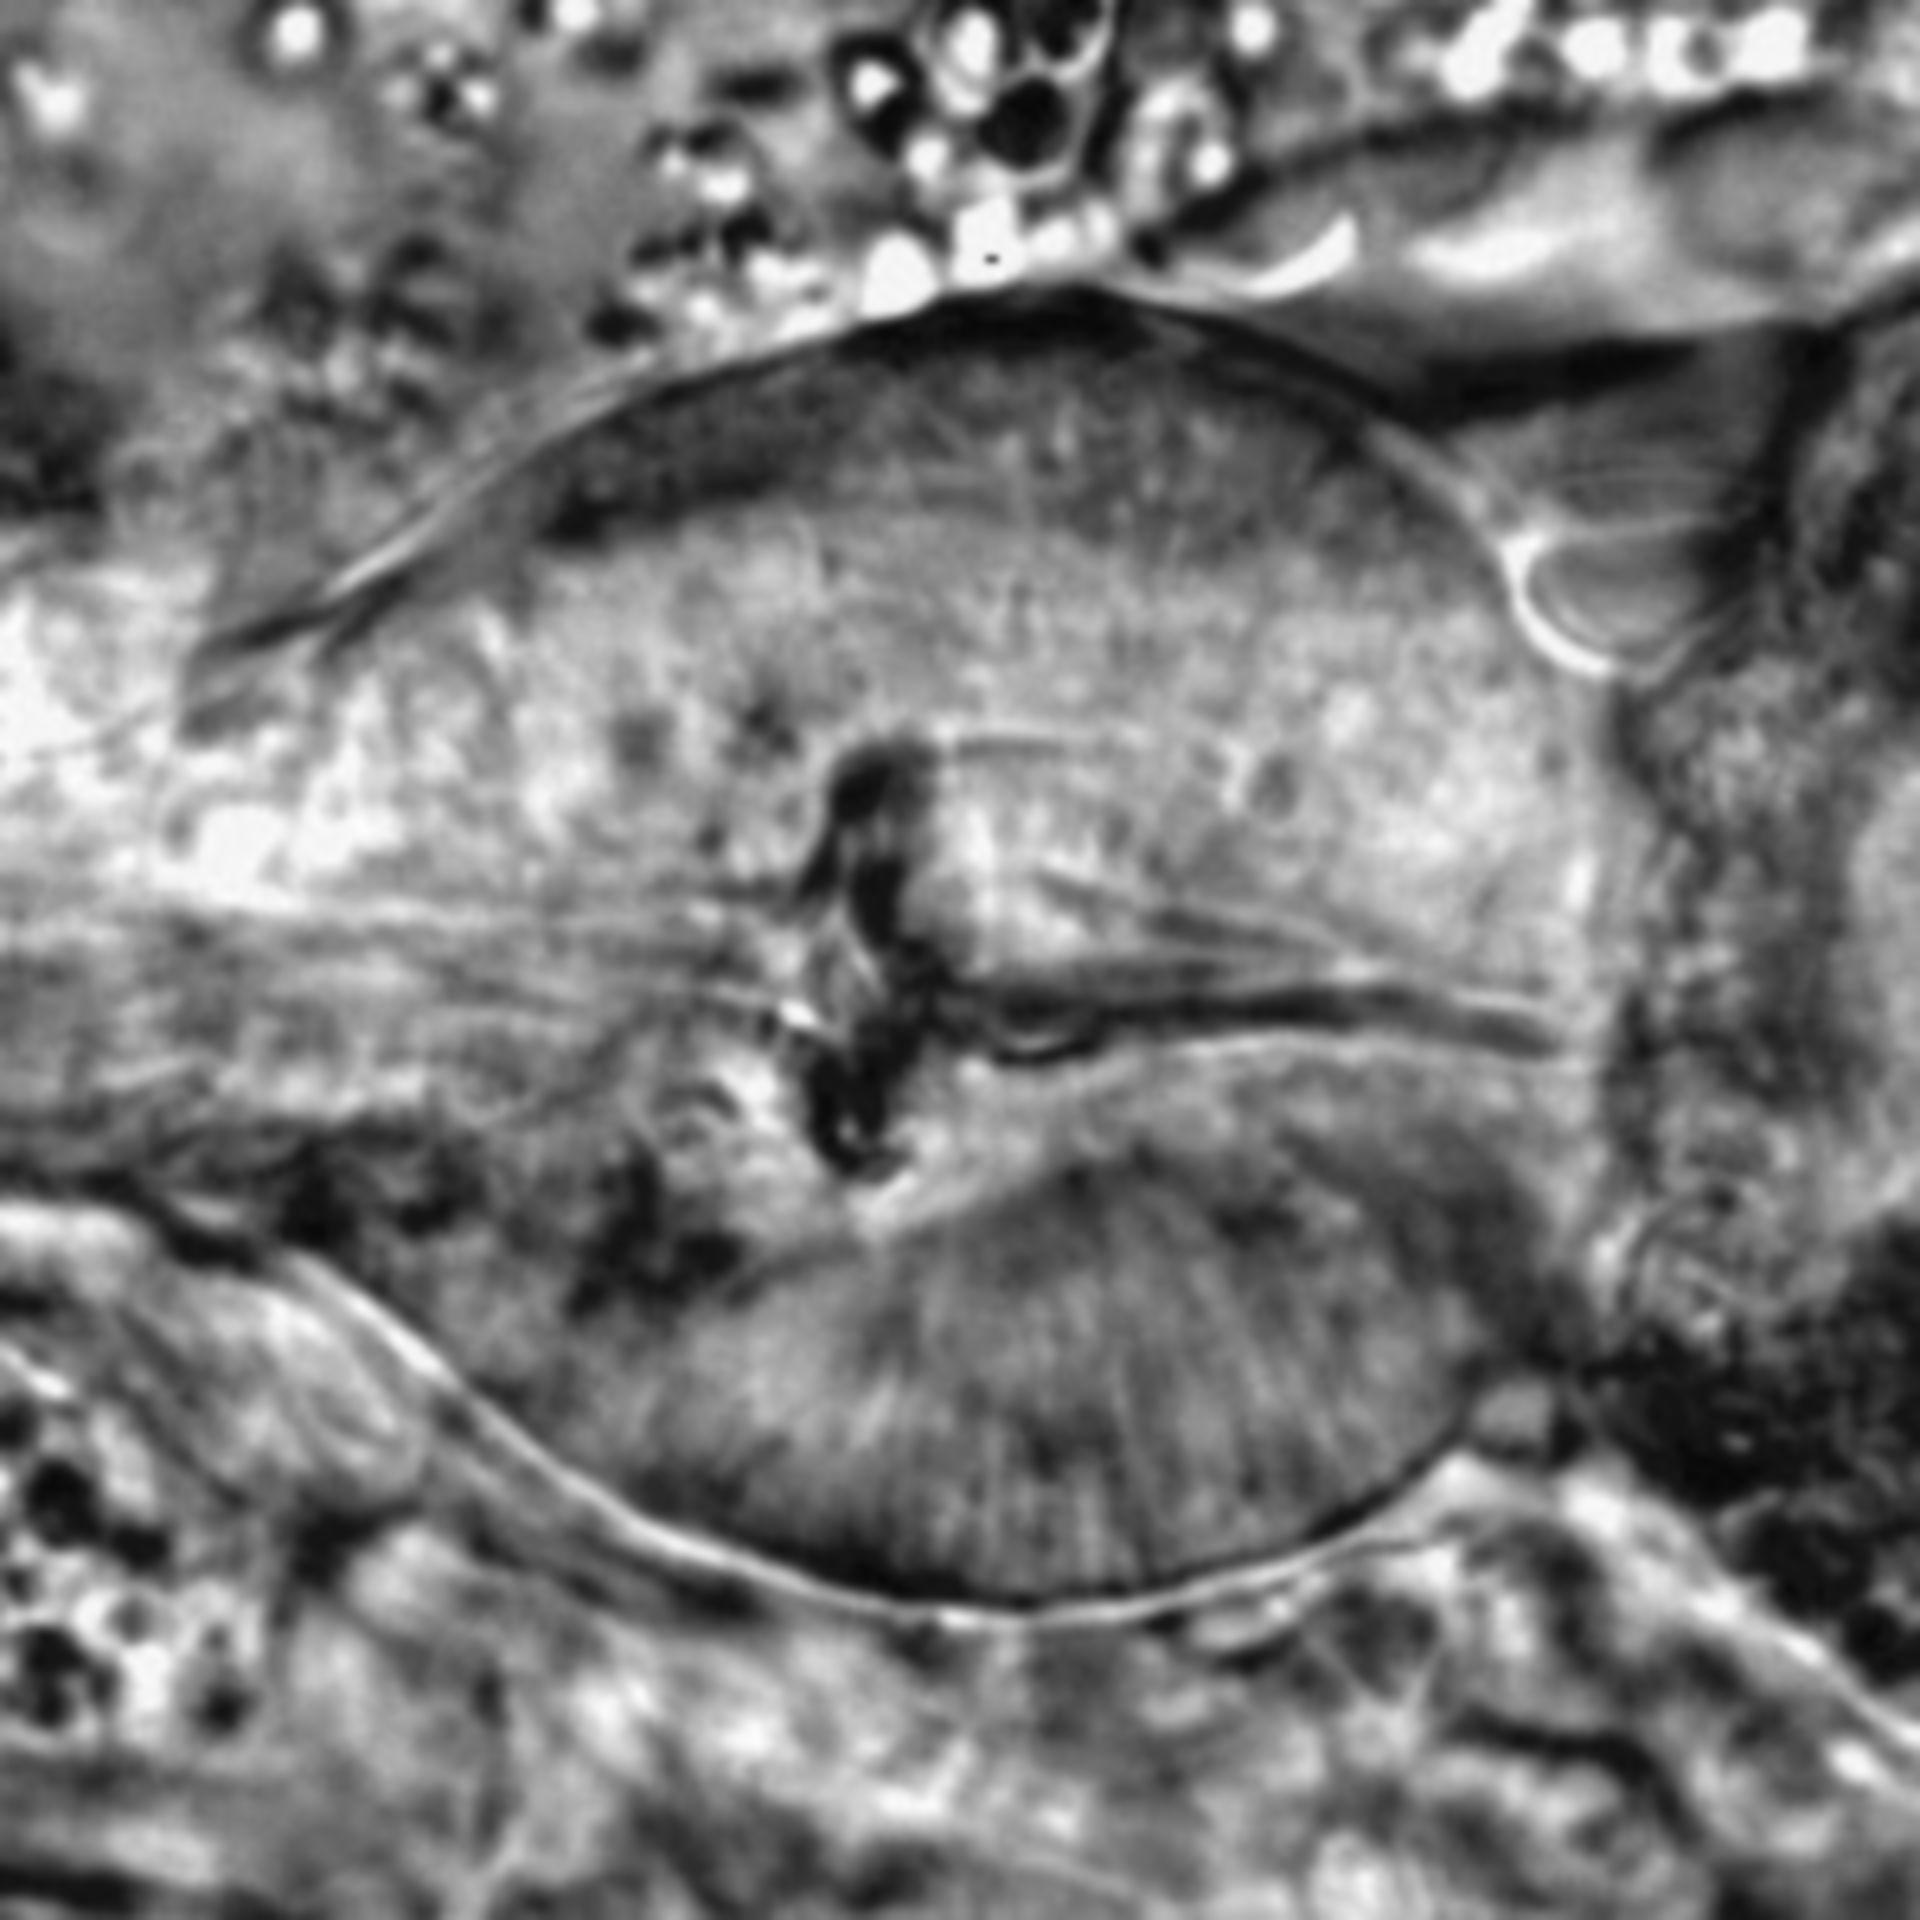 Caenorhabditis elegans - CIL:1704